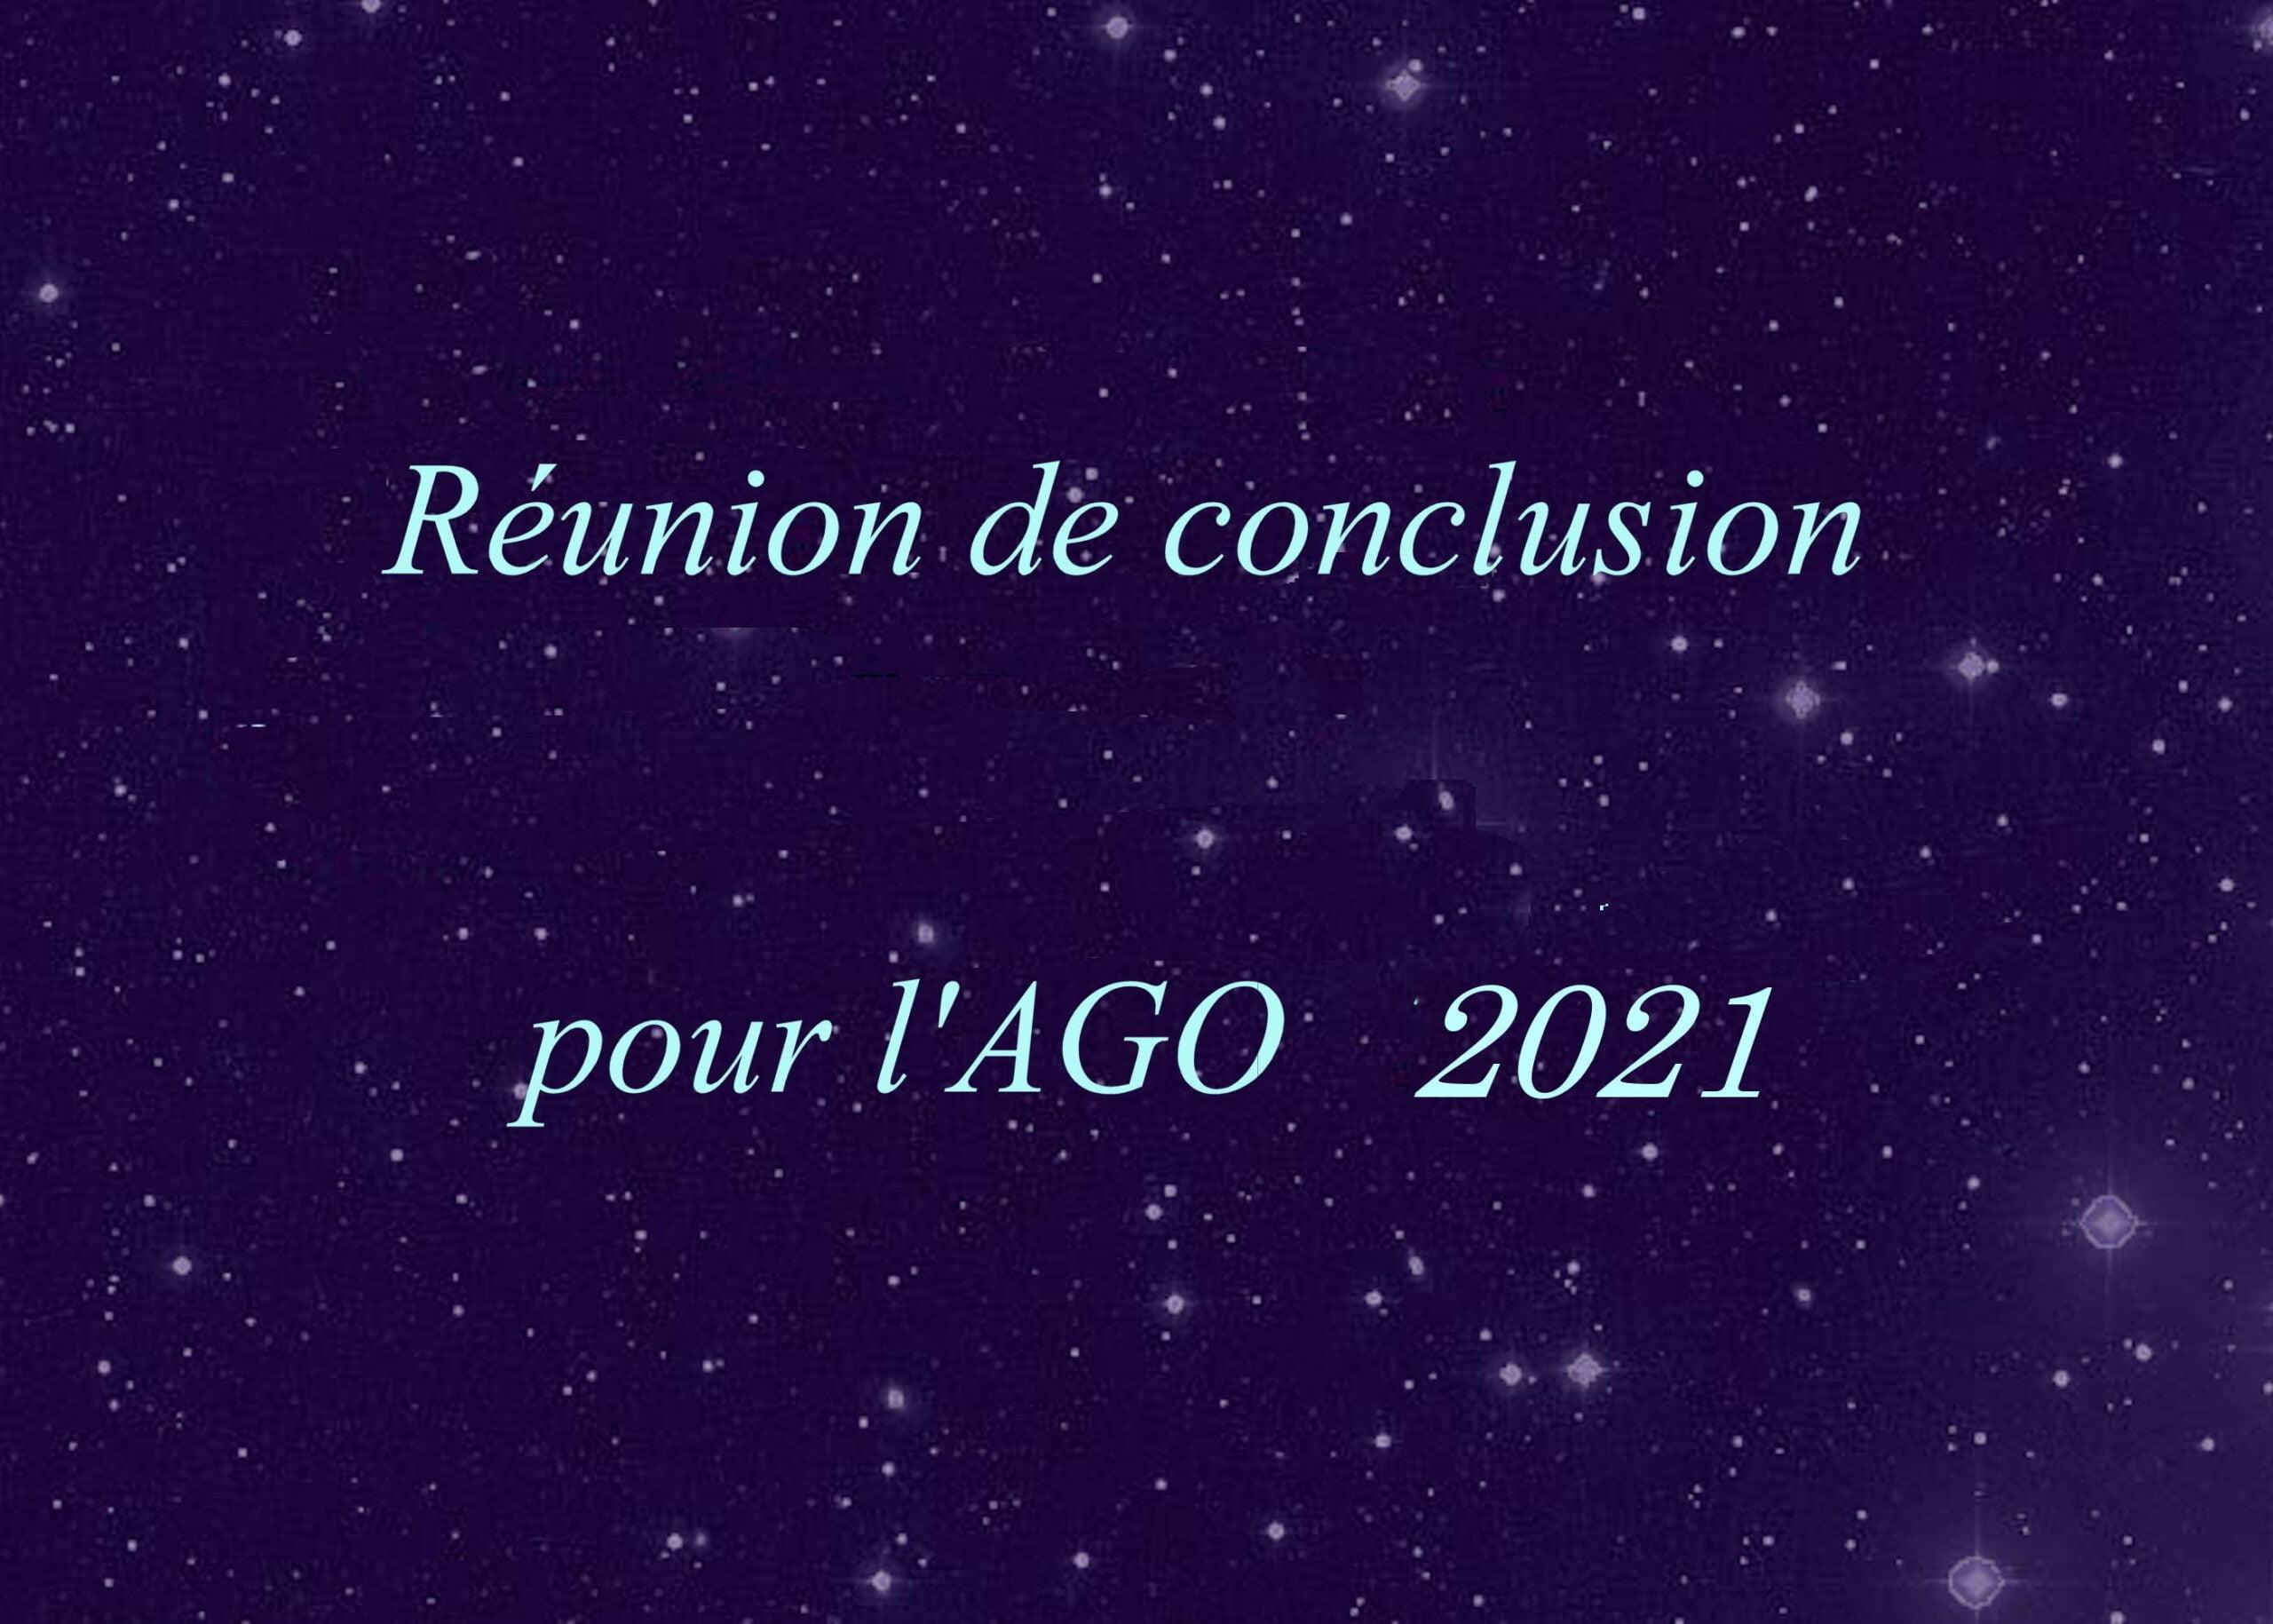 (Réunion de conclusion de l'AGO 2021)*